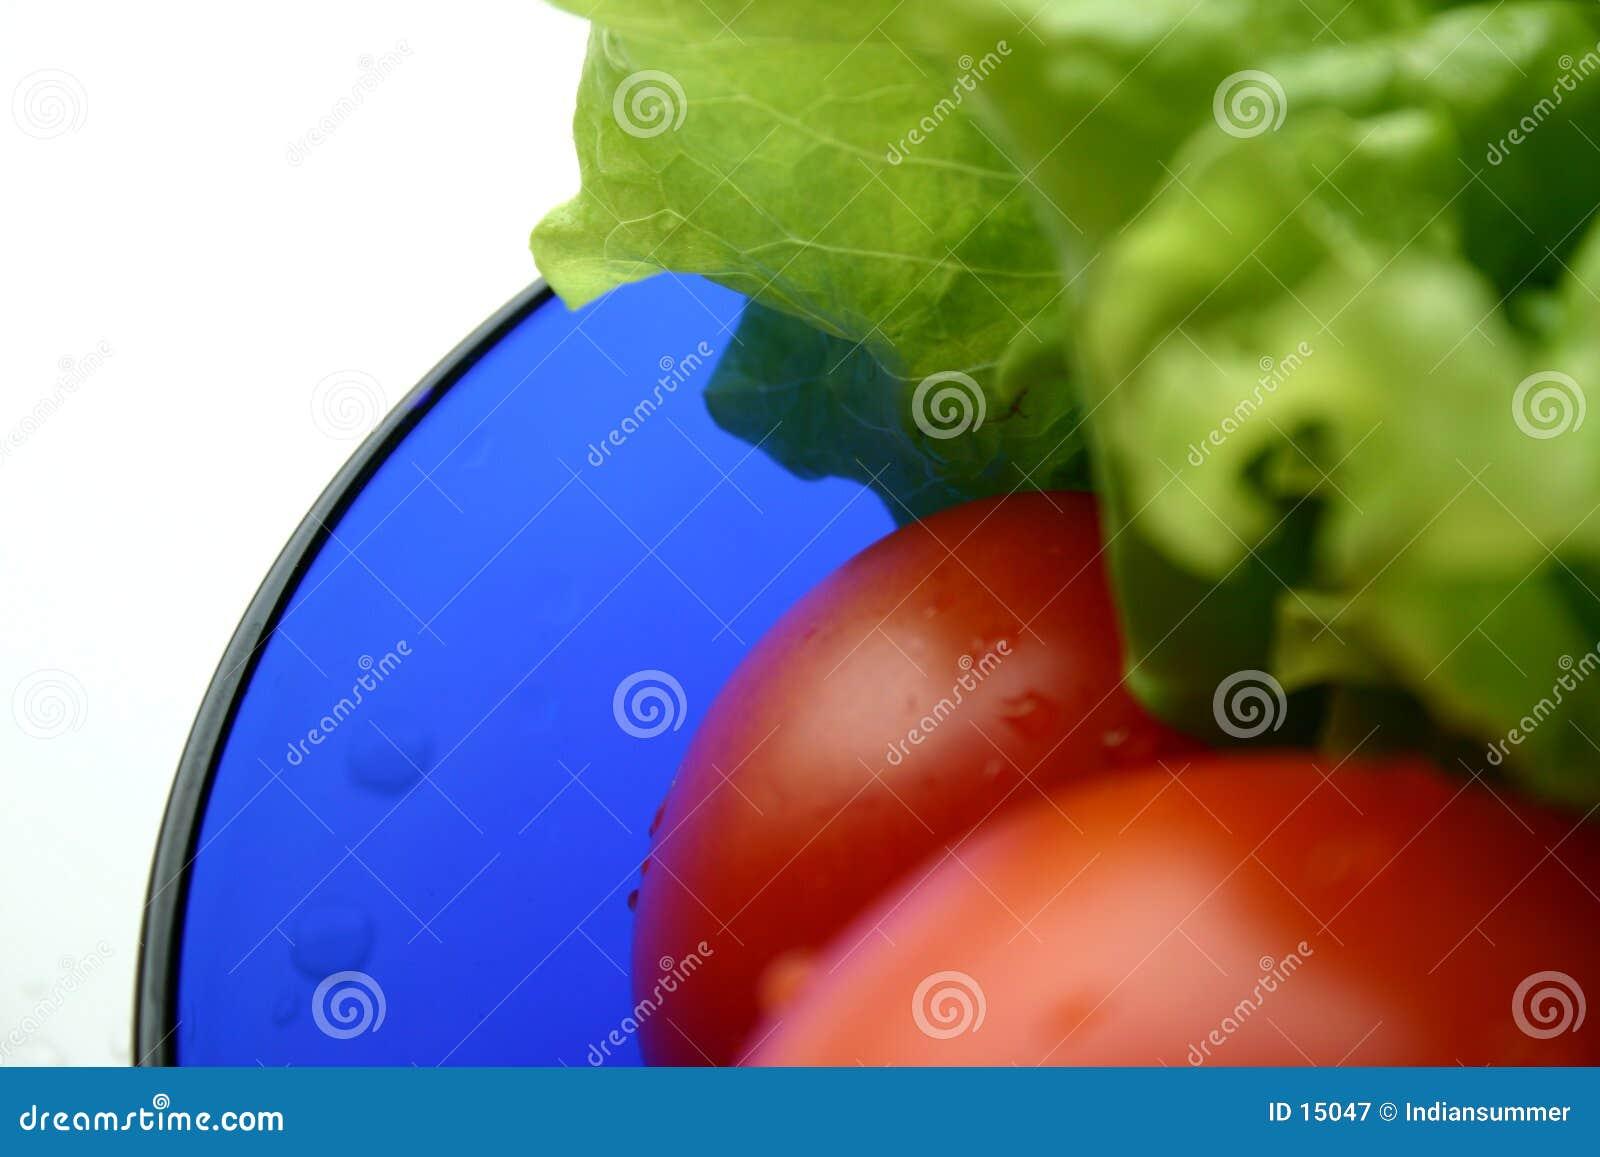 RGB salad II